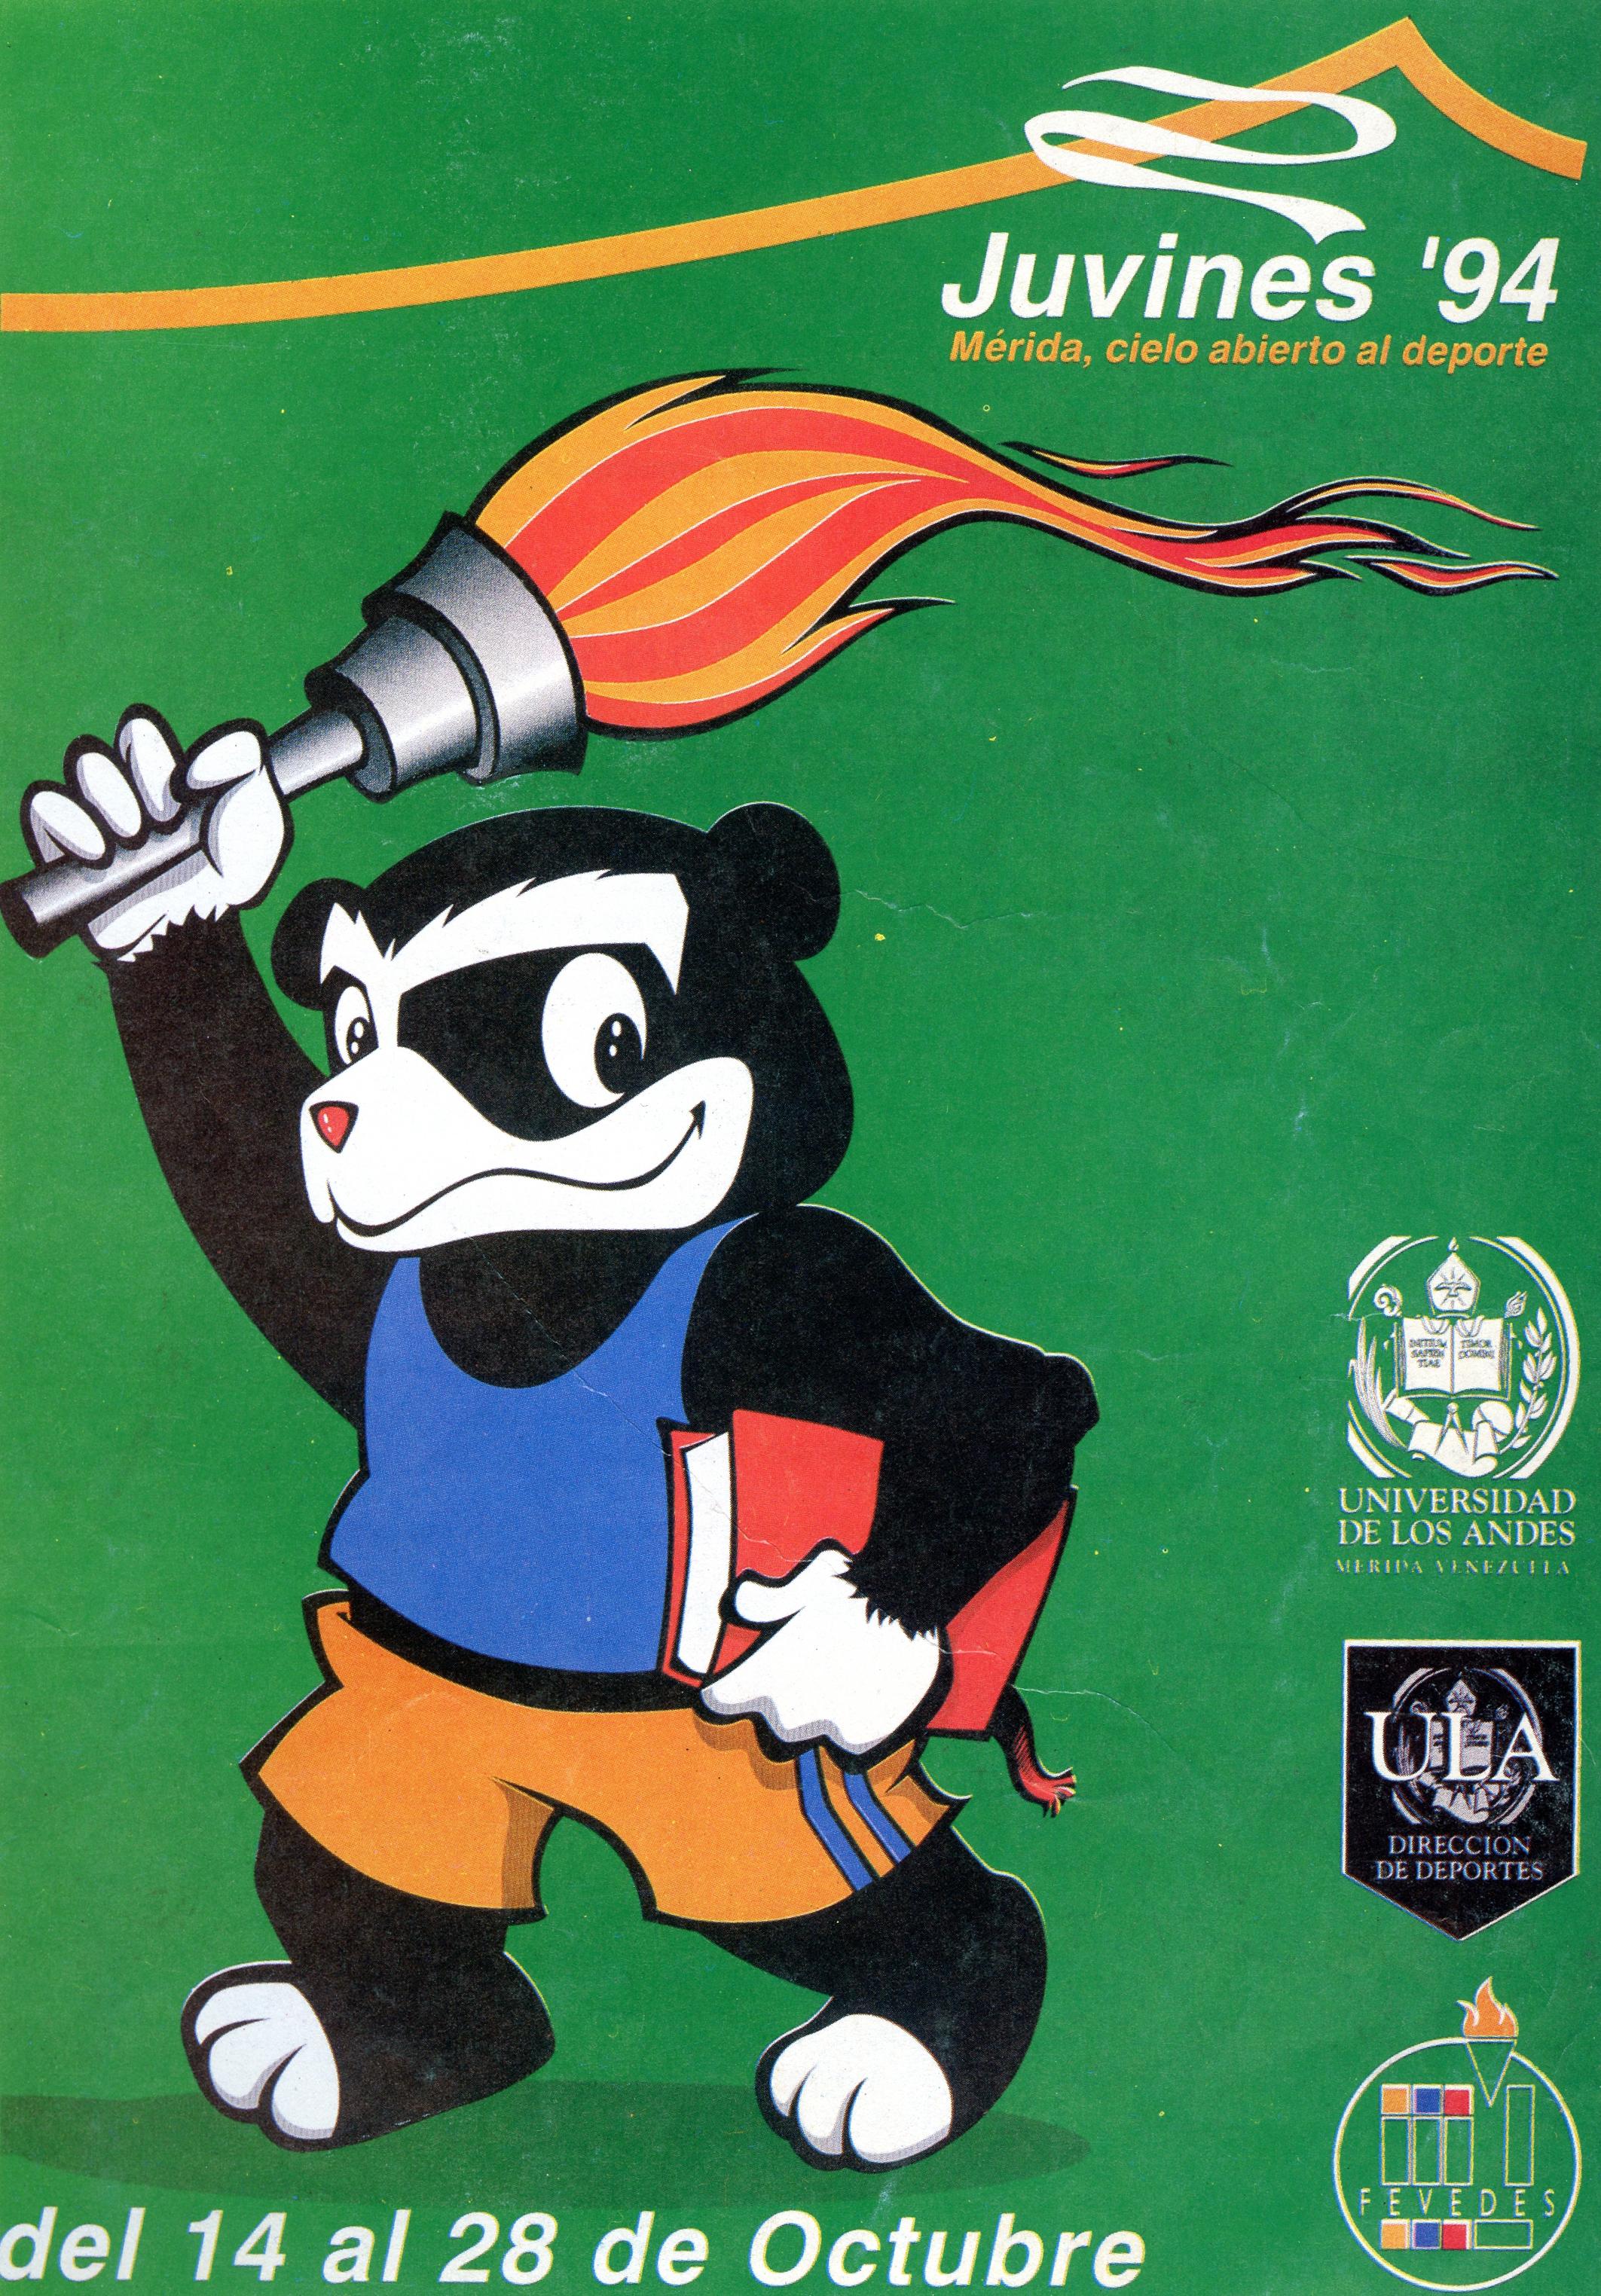 Afiche promocional Juvines de 1994 con el que se lanzo la nueva identidad